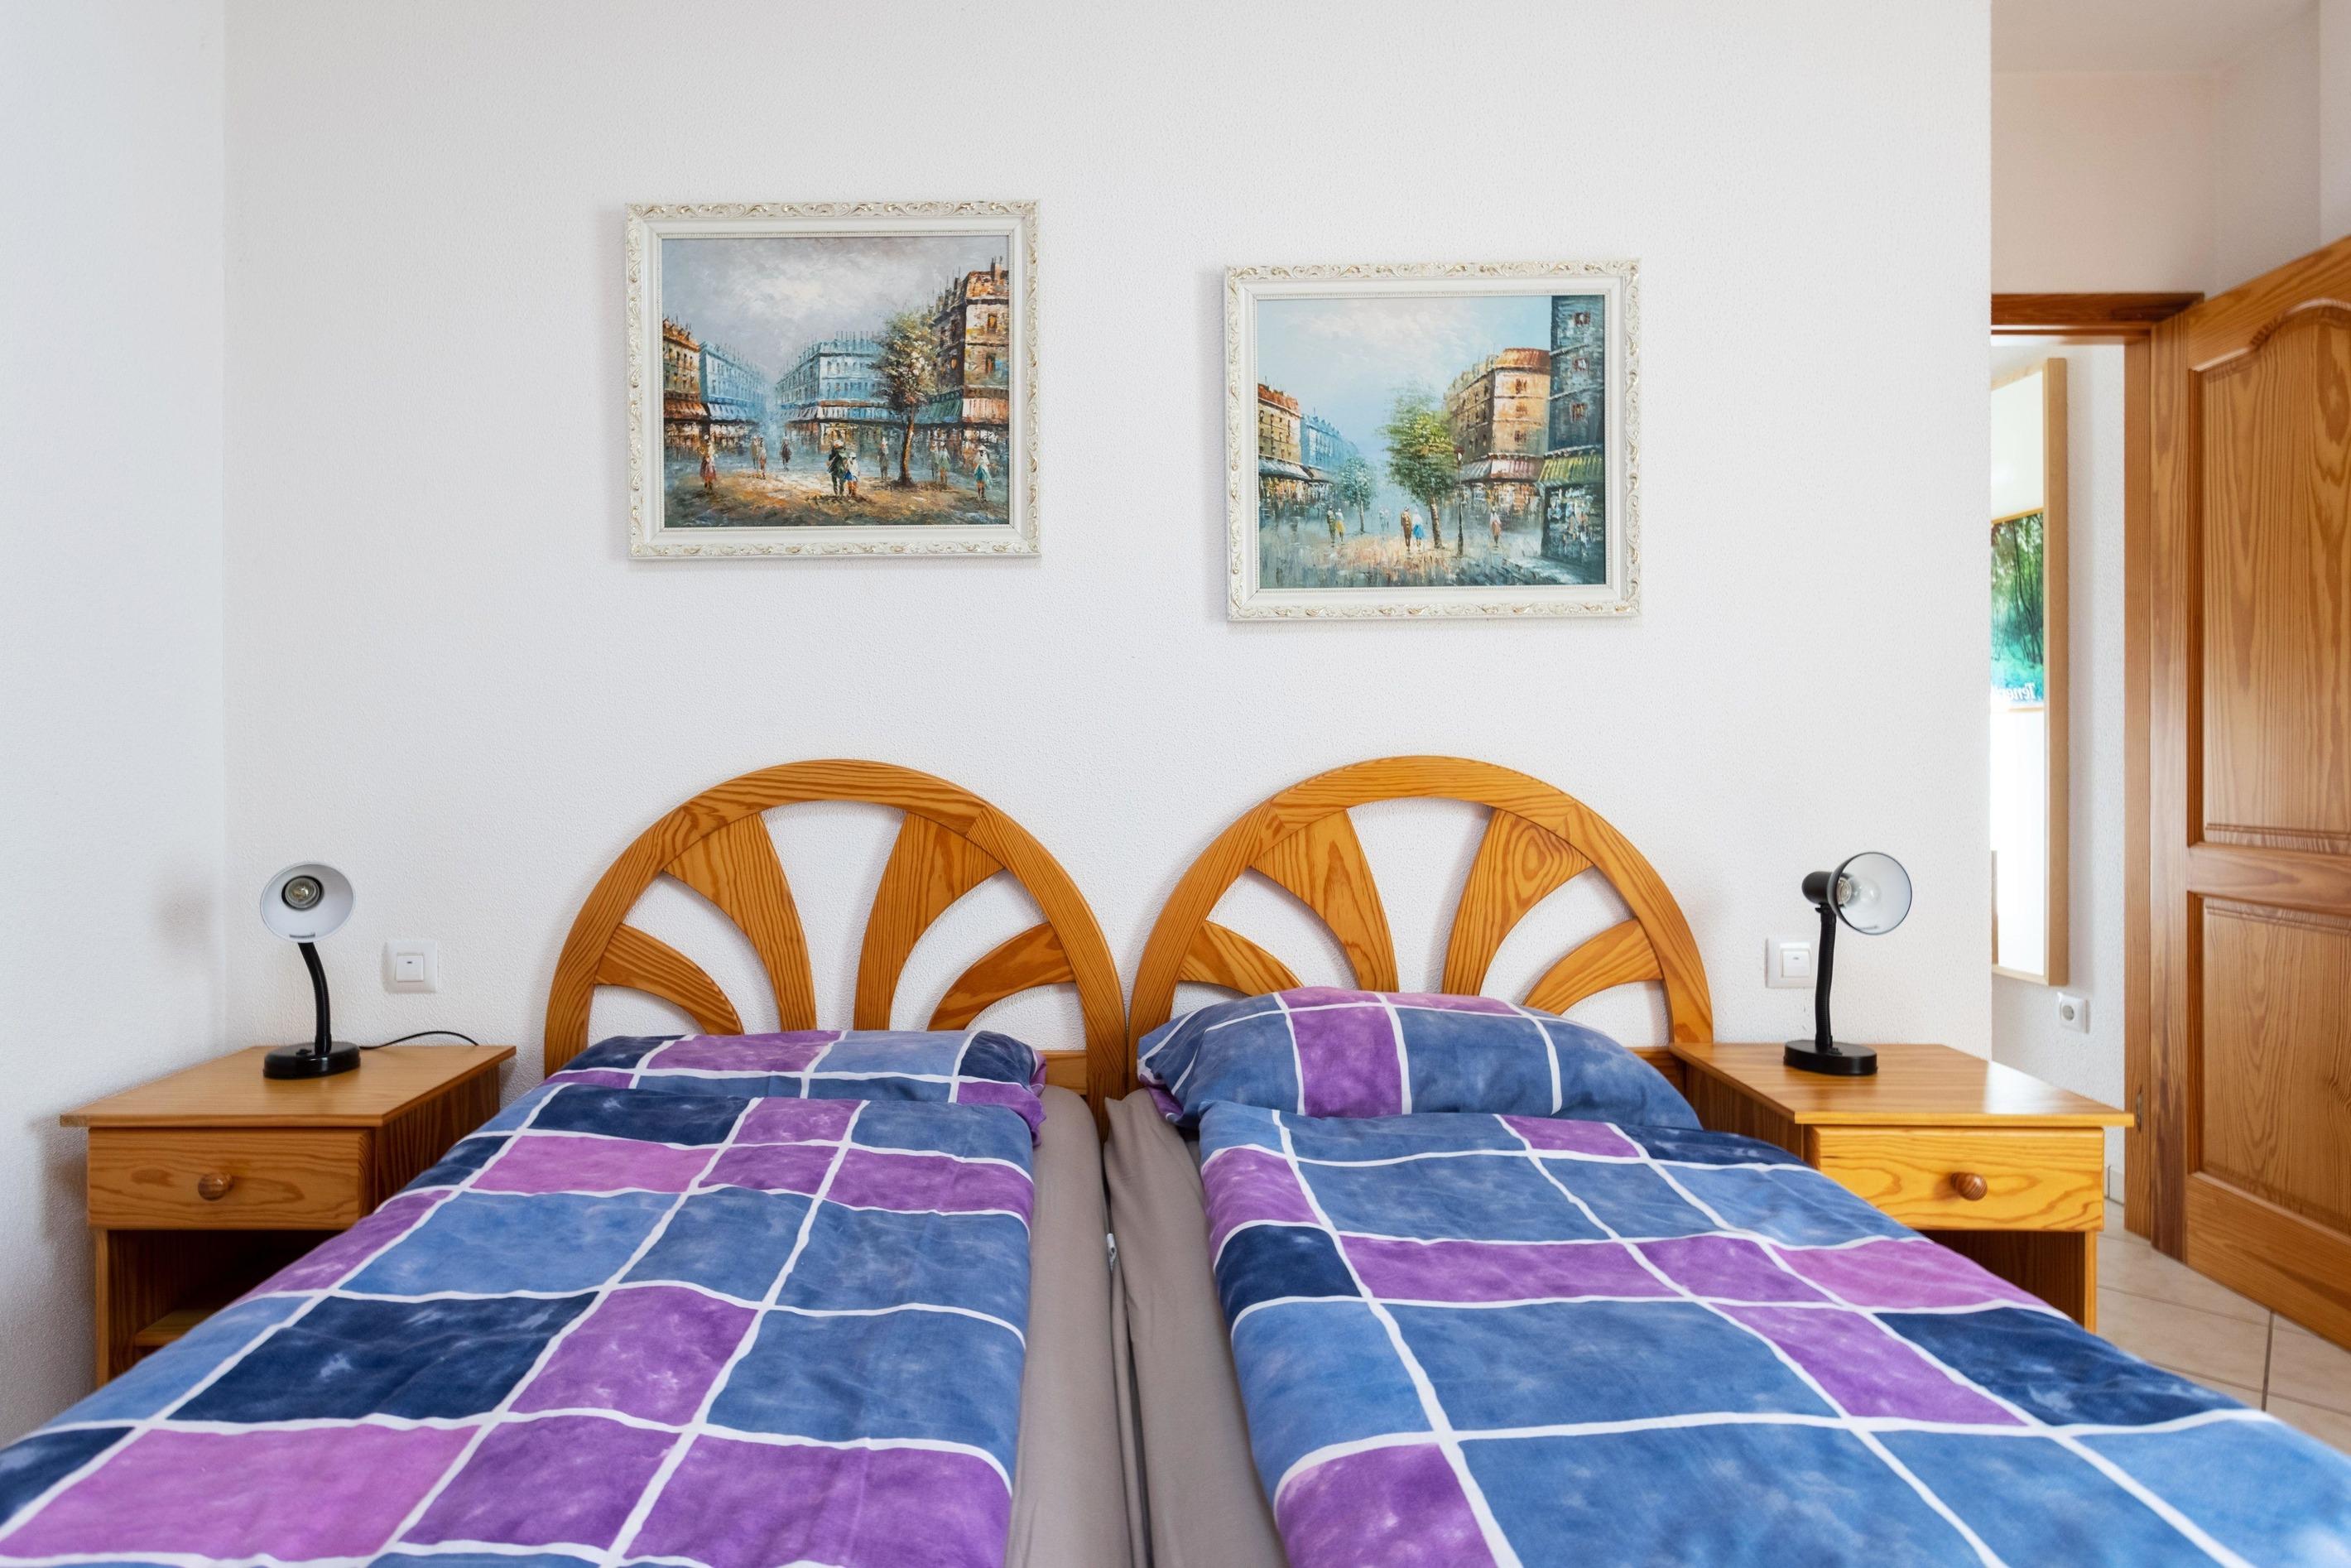 Appartement de vacances Fewo Vistamar mit Meerblick, Pool, grosser Terrasse und Garten, Grill, Parkplatz und WLAN  (2492978), Santa Ursula, Ténérife, Iles Canaries, Espagne, image 7